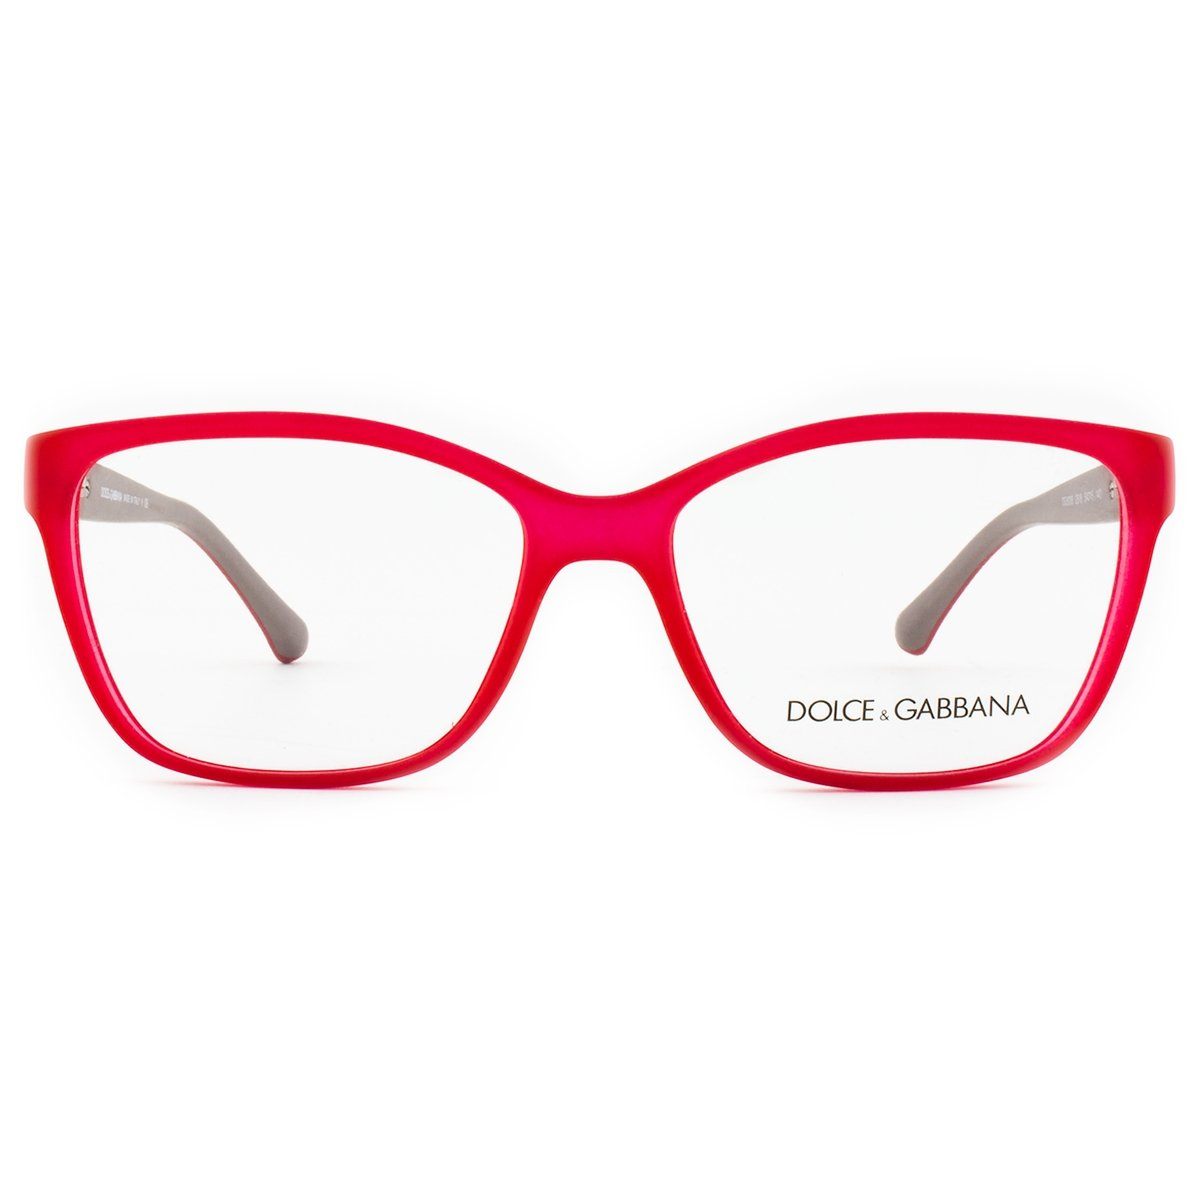 bf0f183cfe9c7 Armação Óculos de Grau Dolce e Gabbana DG5008 2818-54 - Compre Agora    Zattini